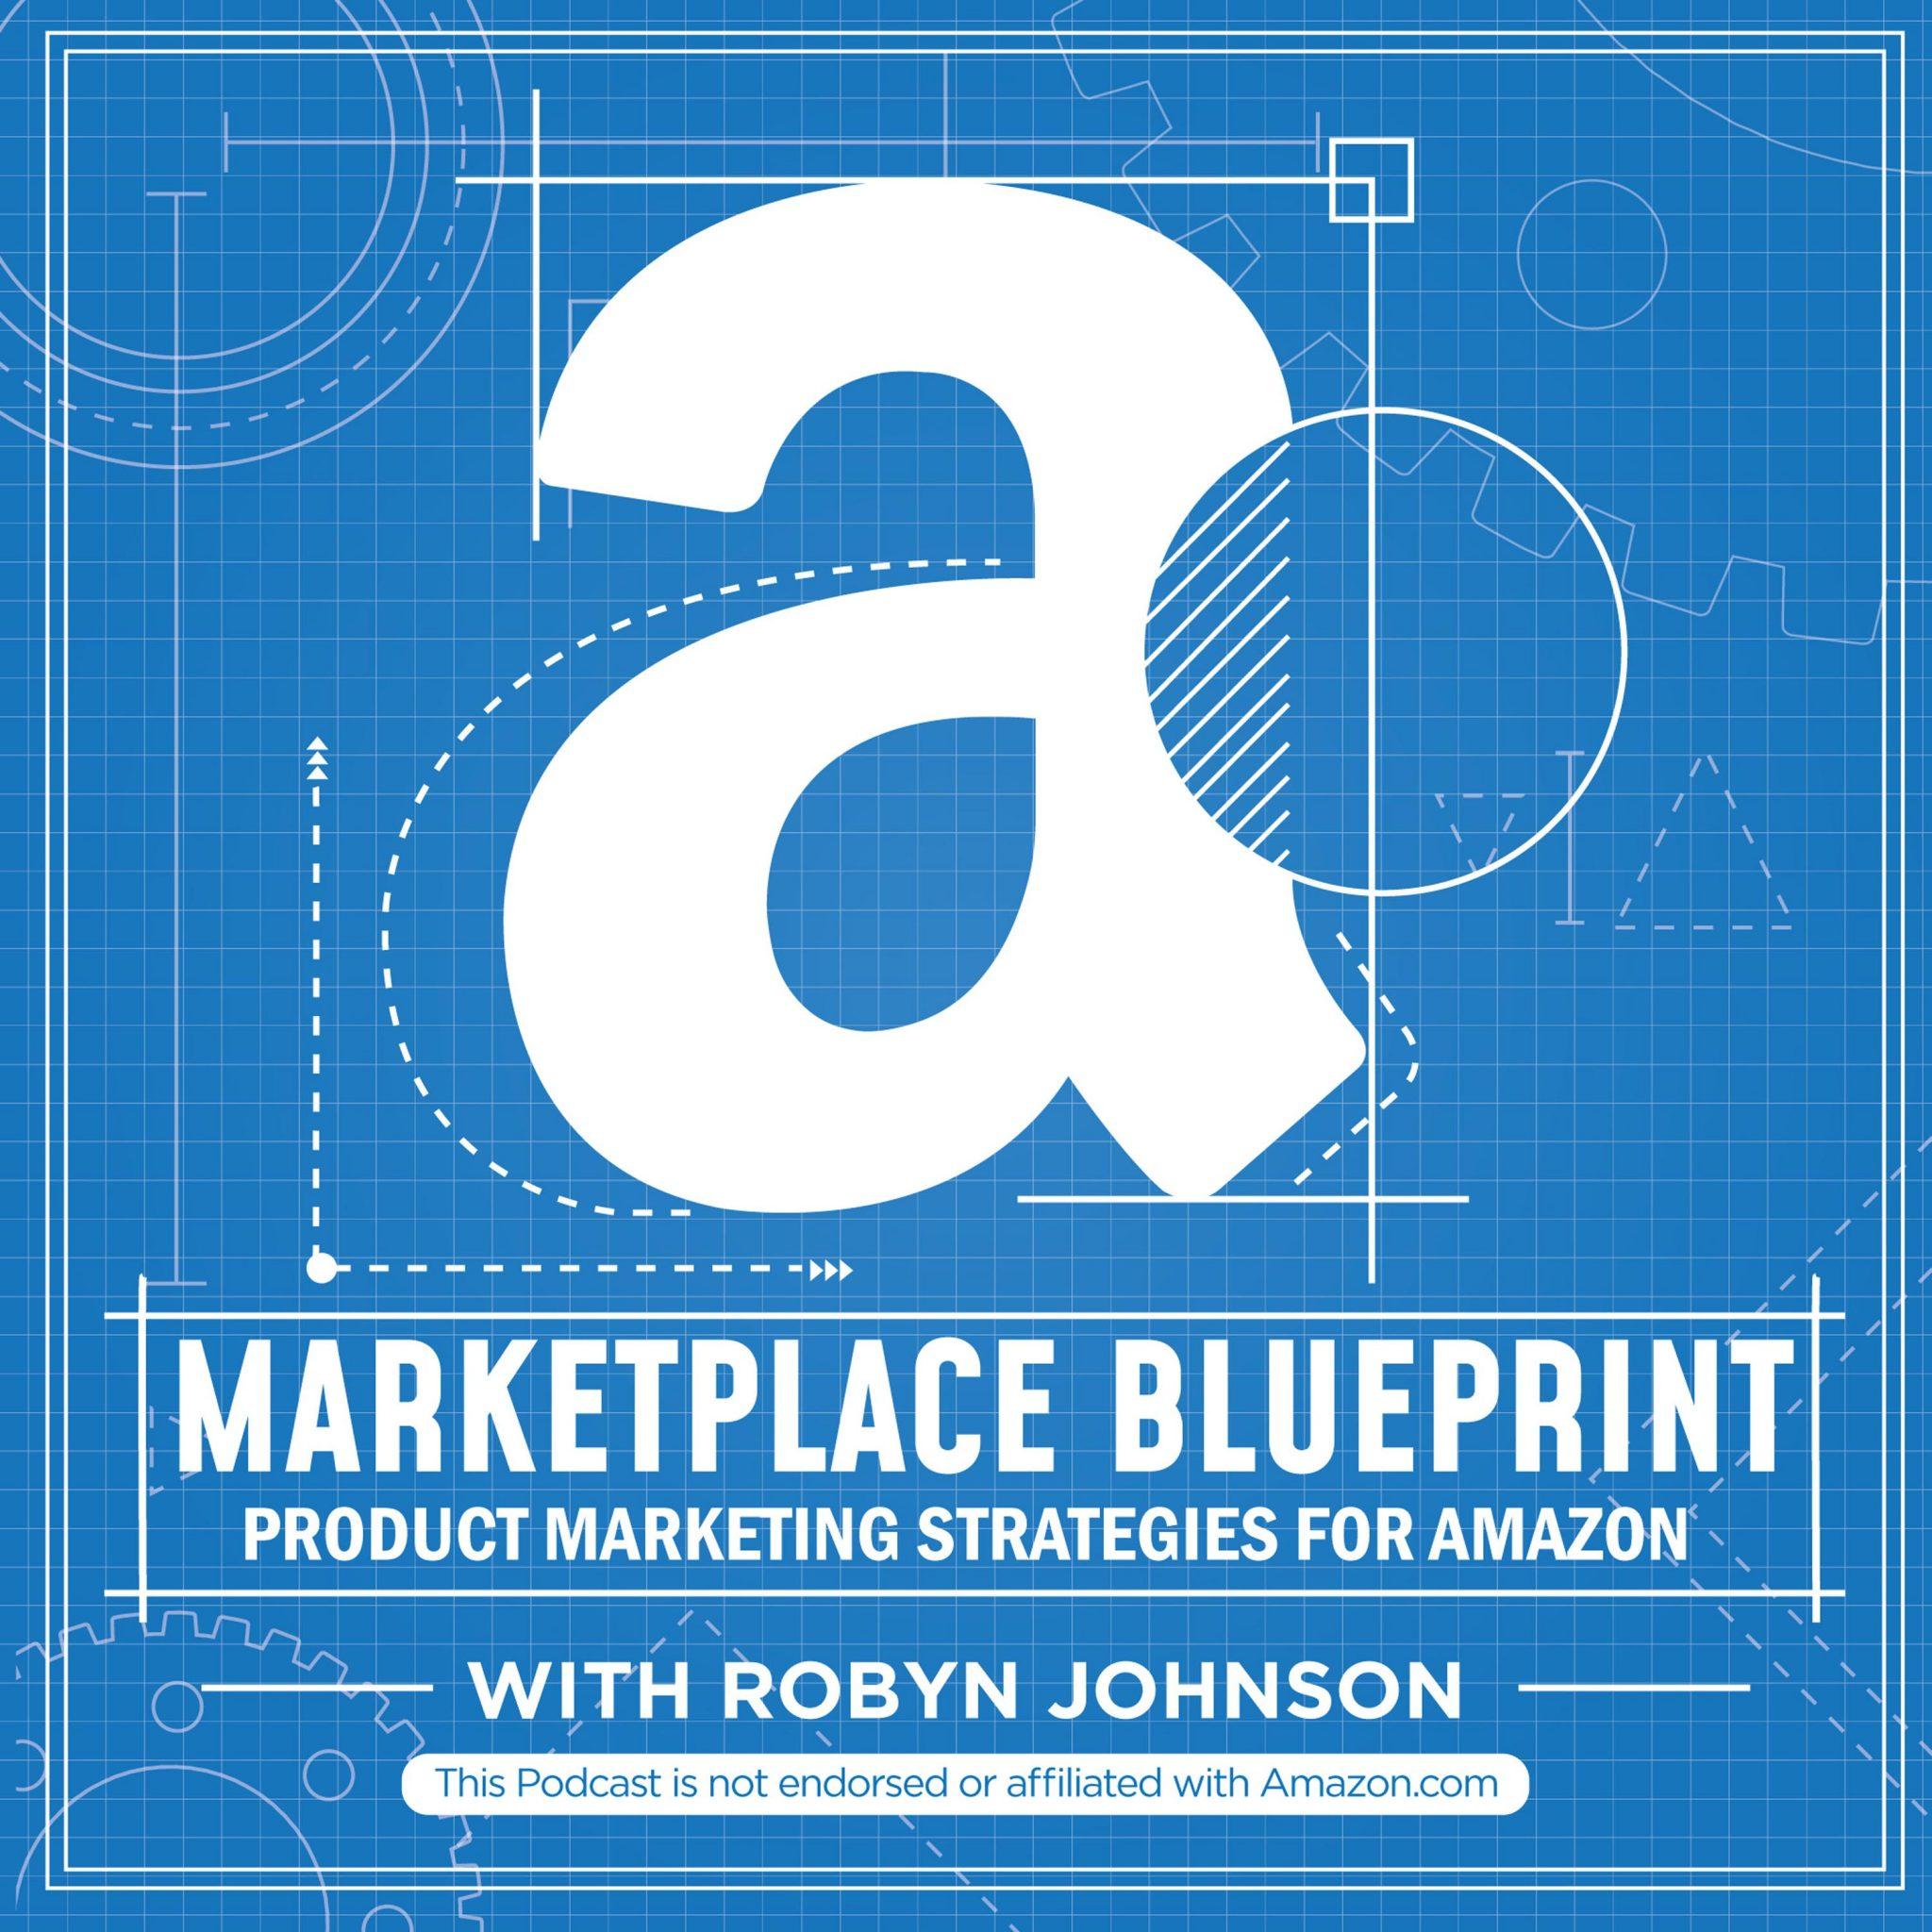 Marketplace Blueprint: Product Marketing Strategies for Amazon